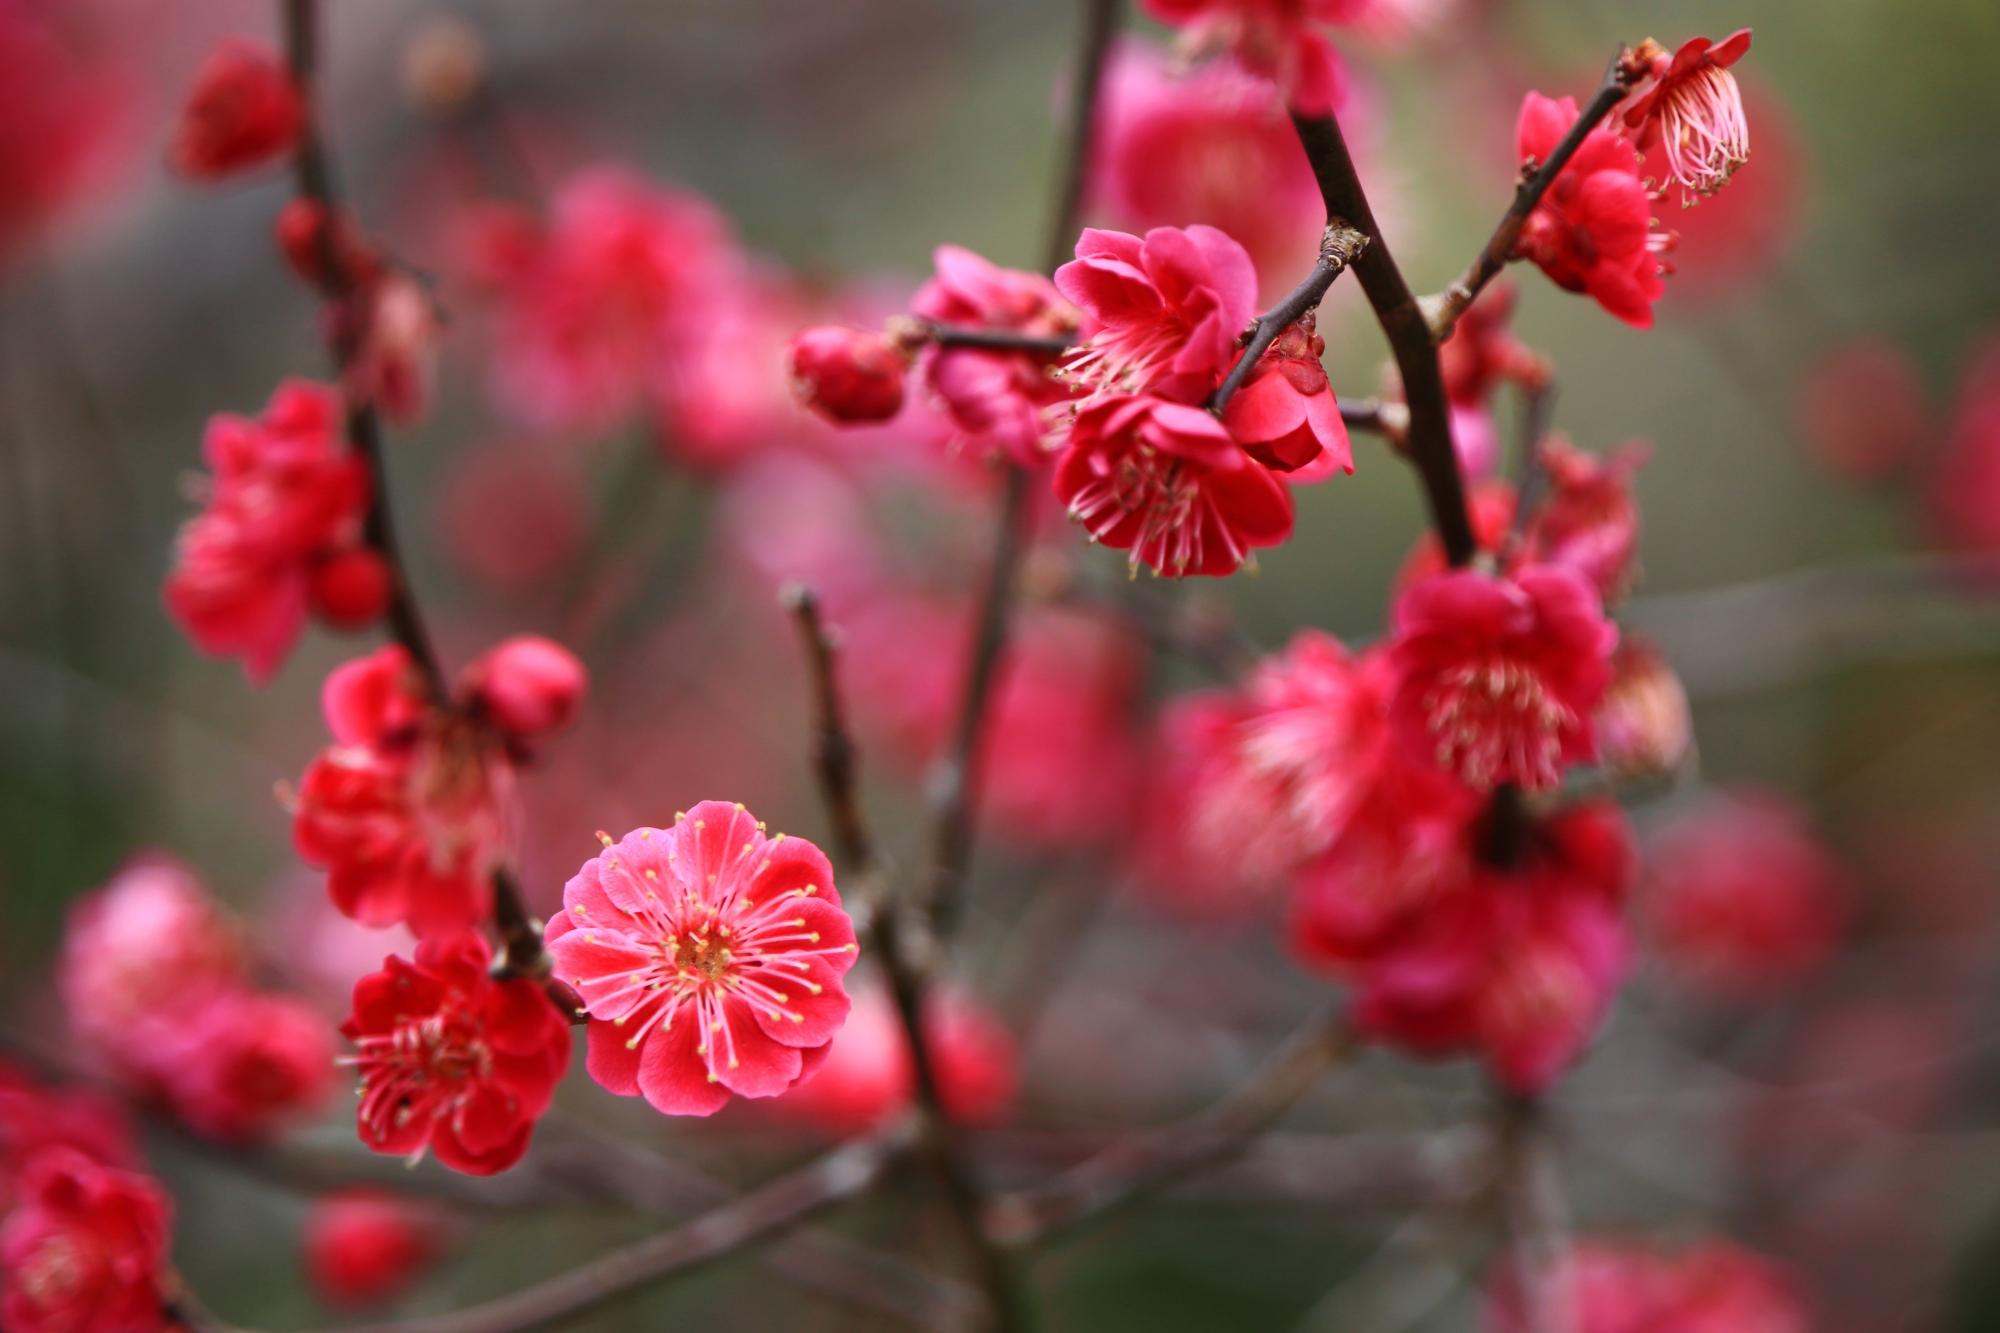 北野天満宮の鮮やかな色合いの満開の梅の花